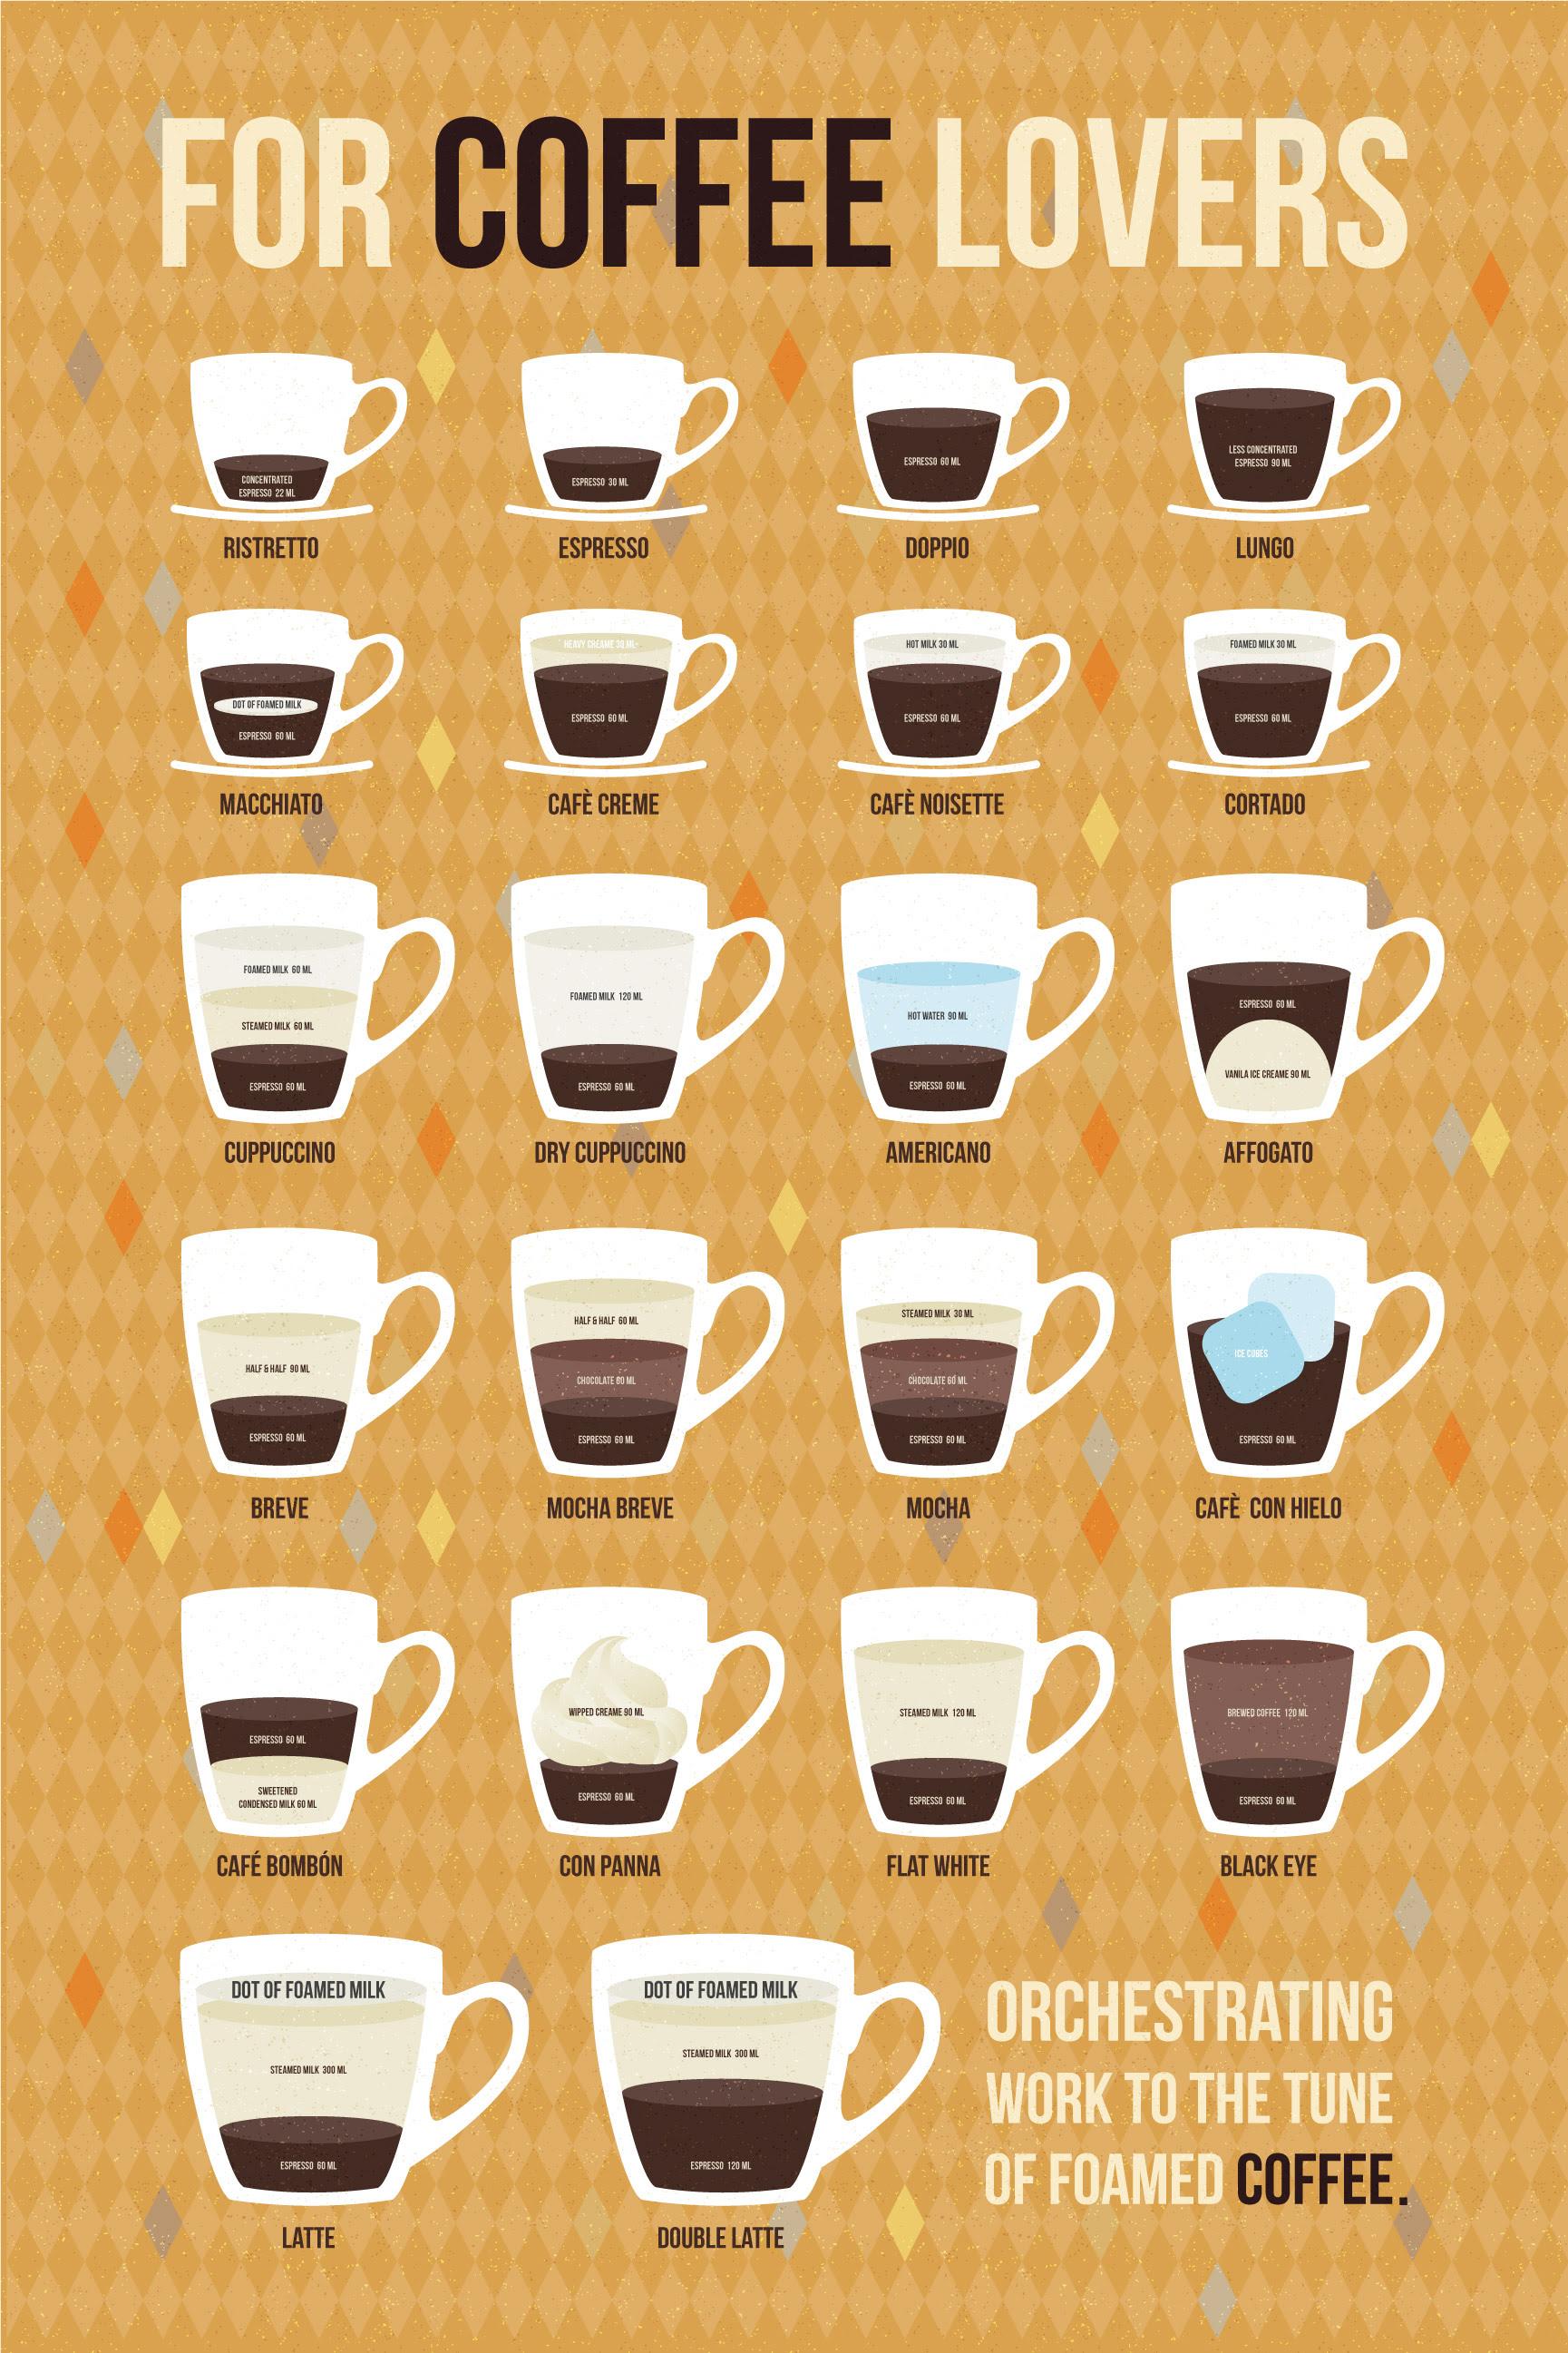 Cappuccino, Latte, Ristretto or Macchiato?